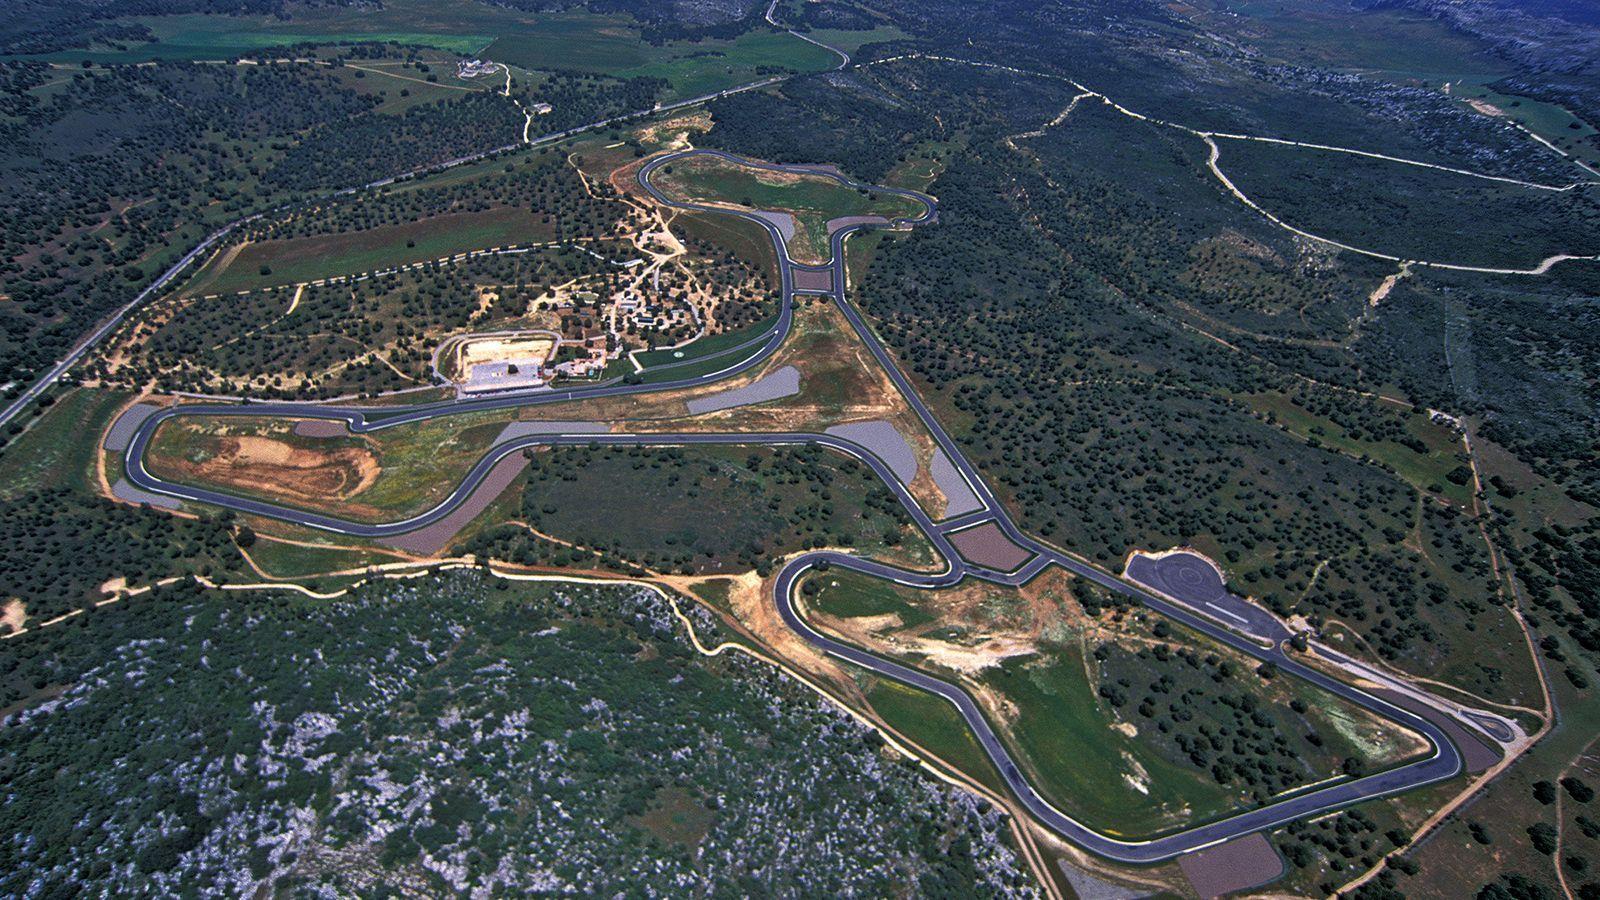 Ascari race track